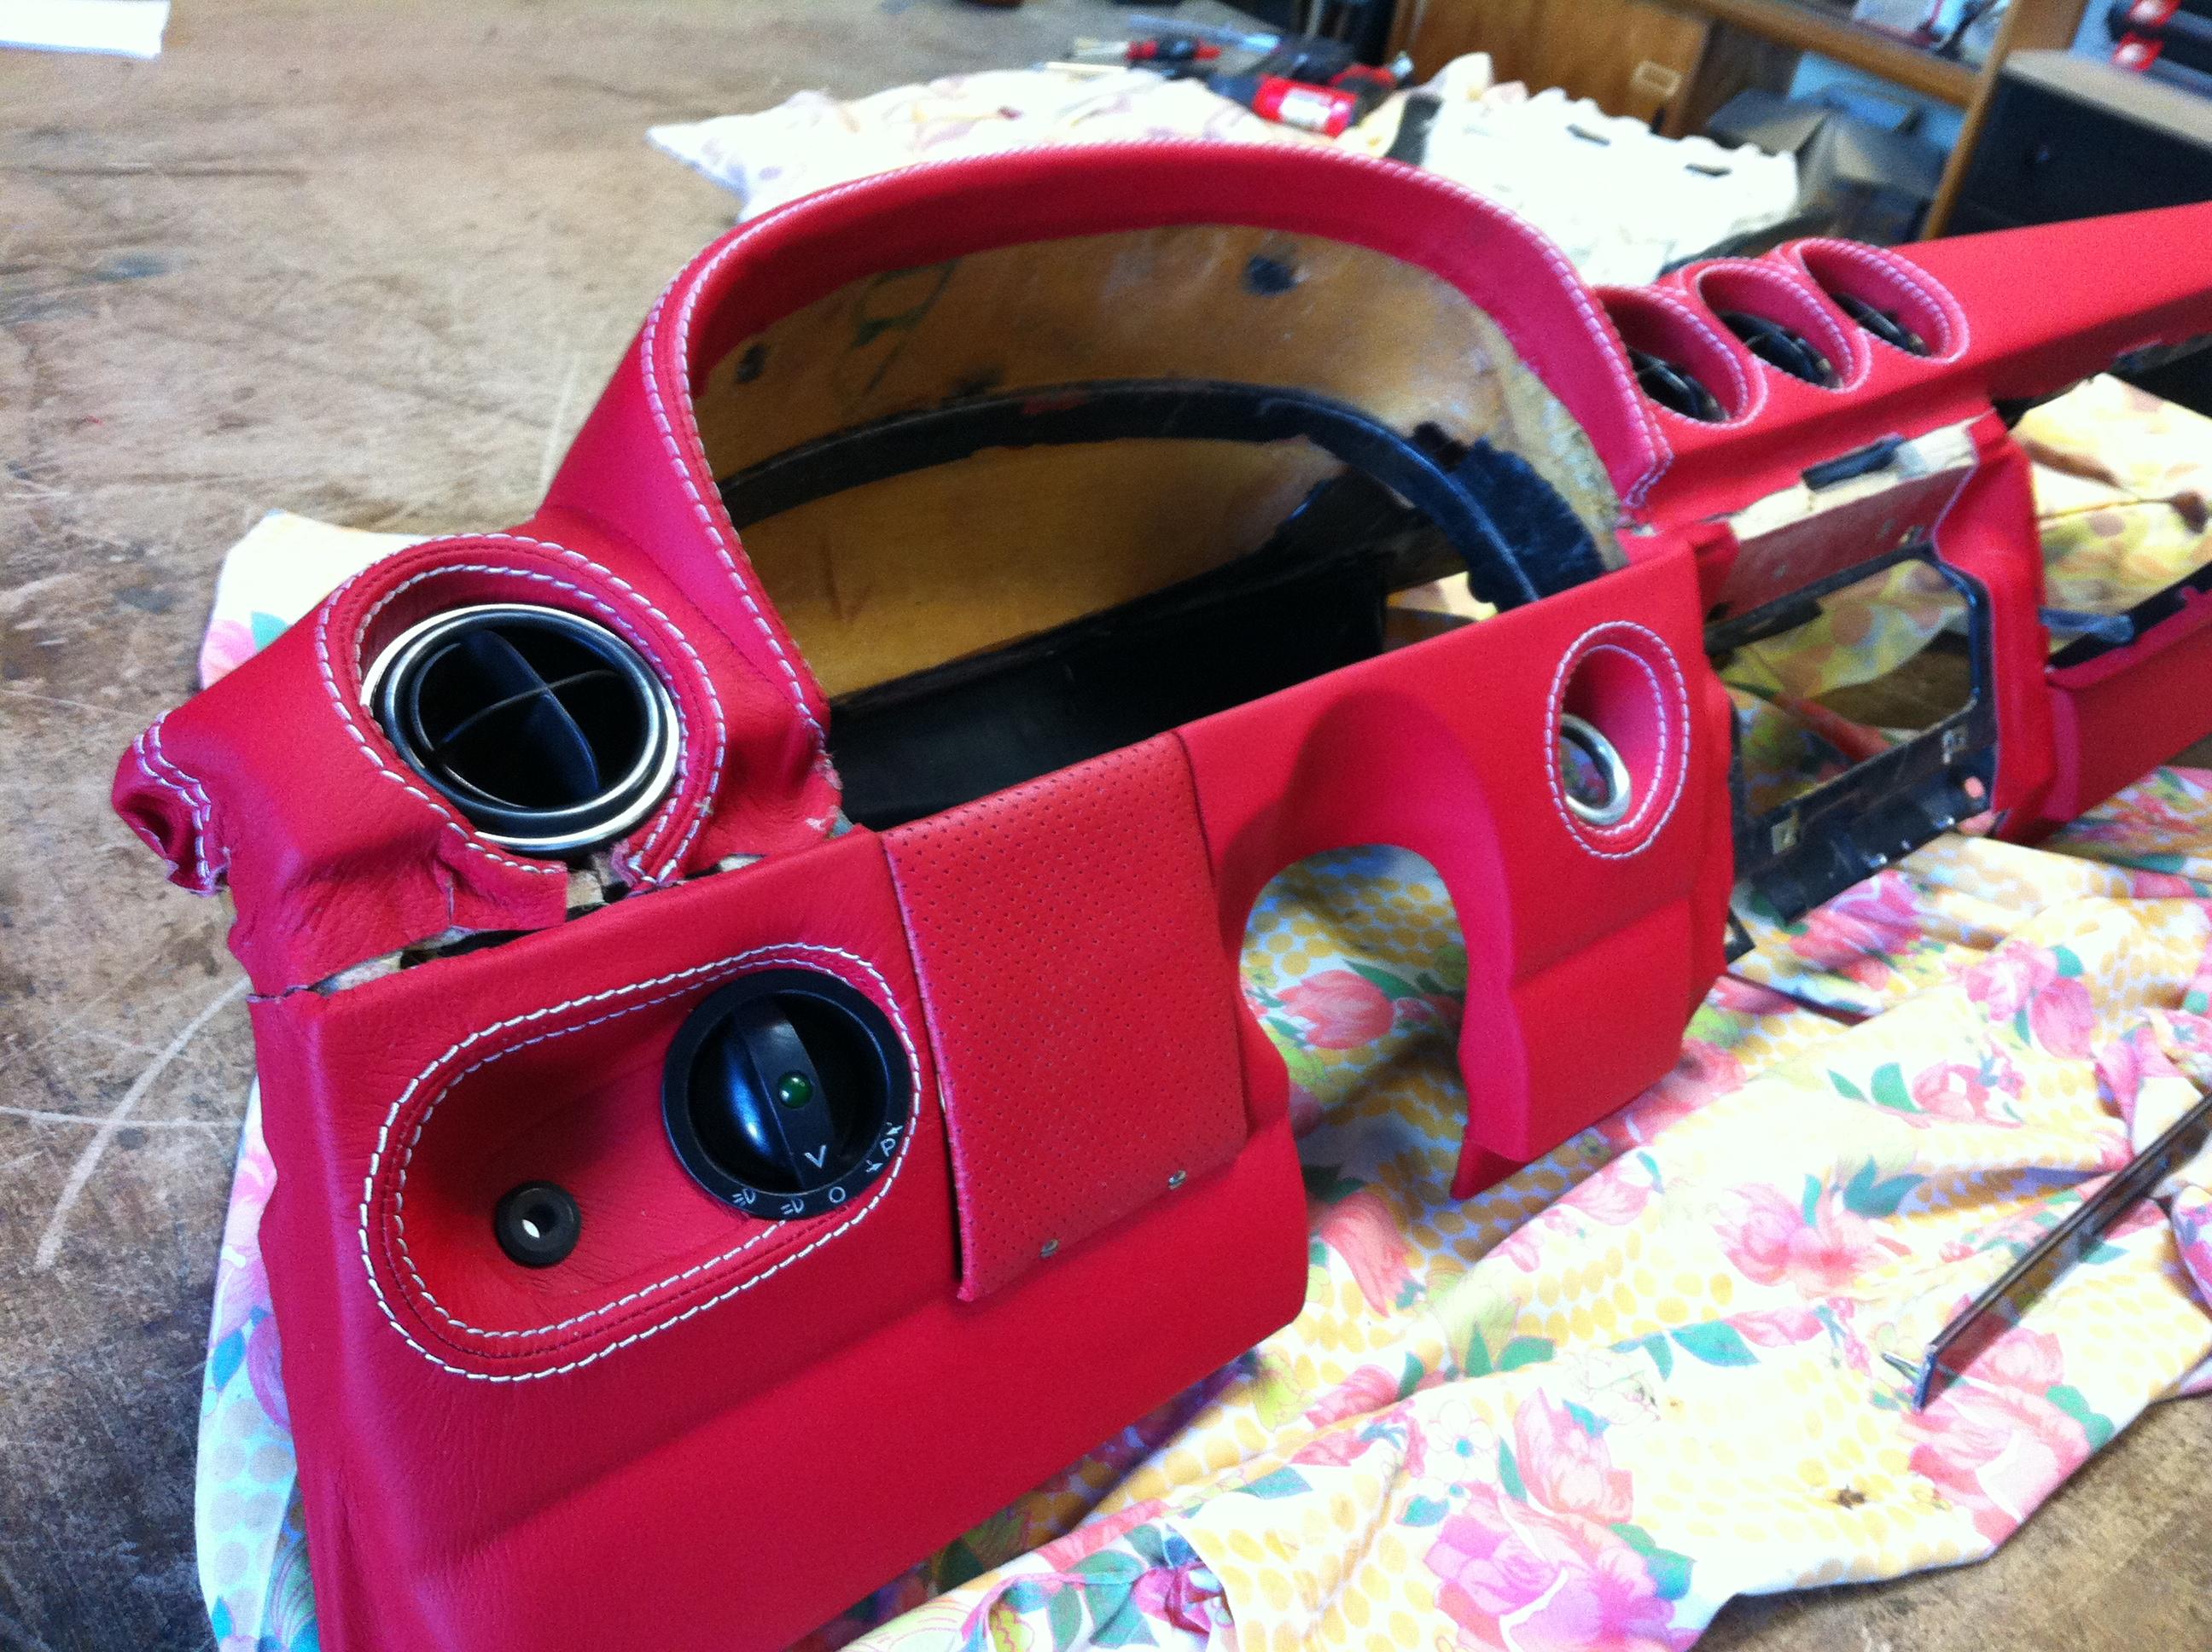 Armaturenbrett - Innenausstattung für Fahrzeuge 005